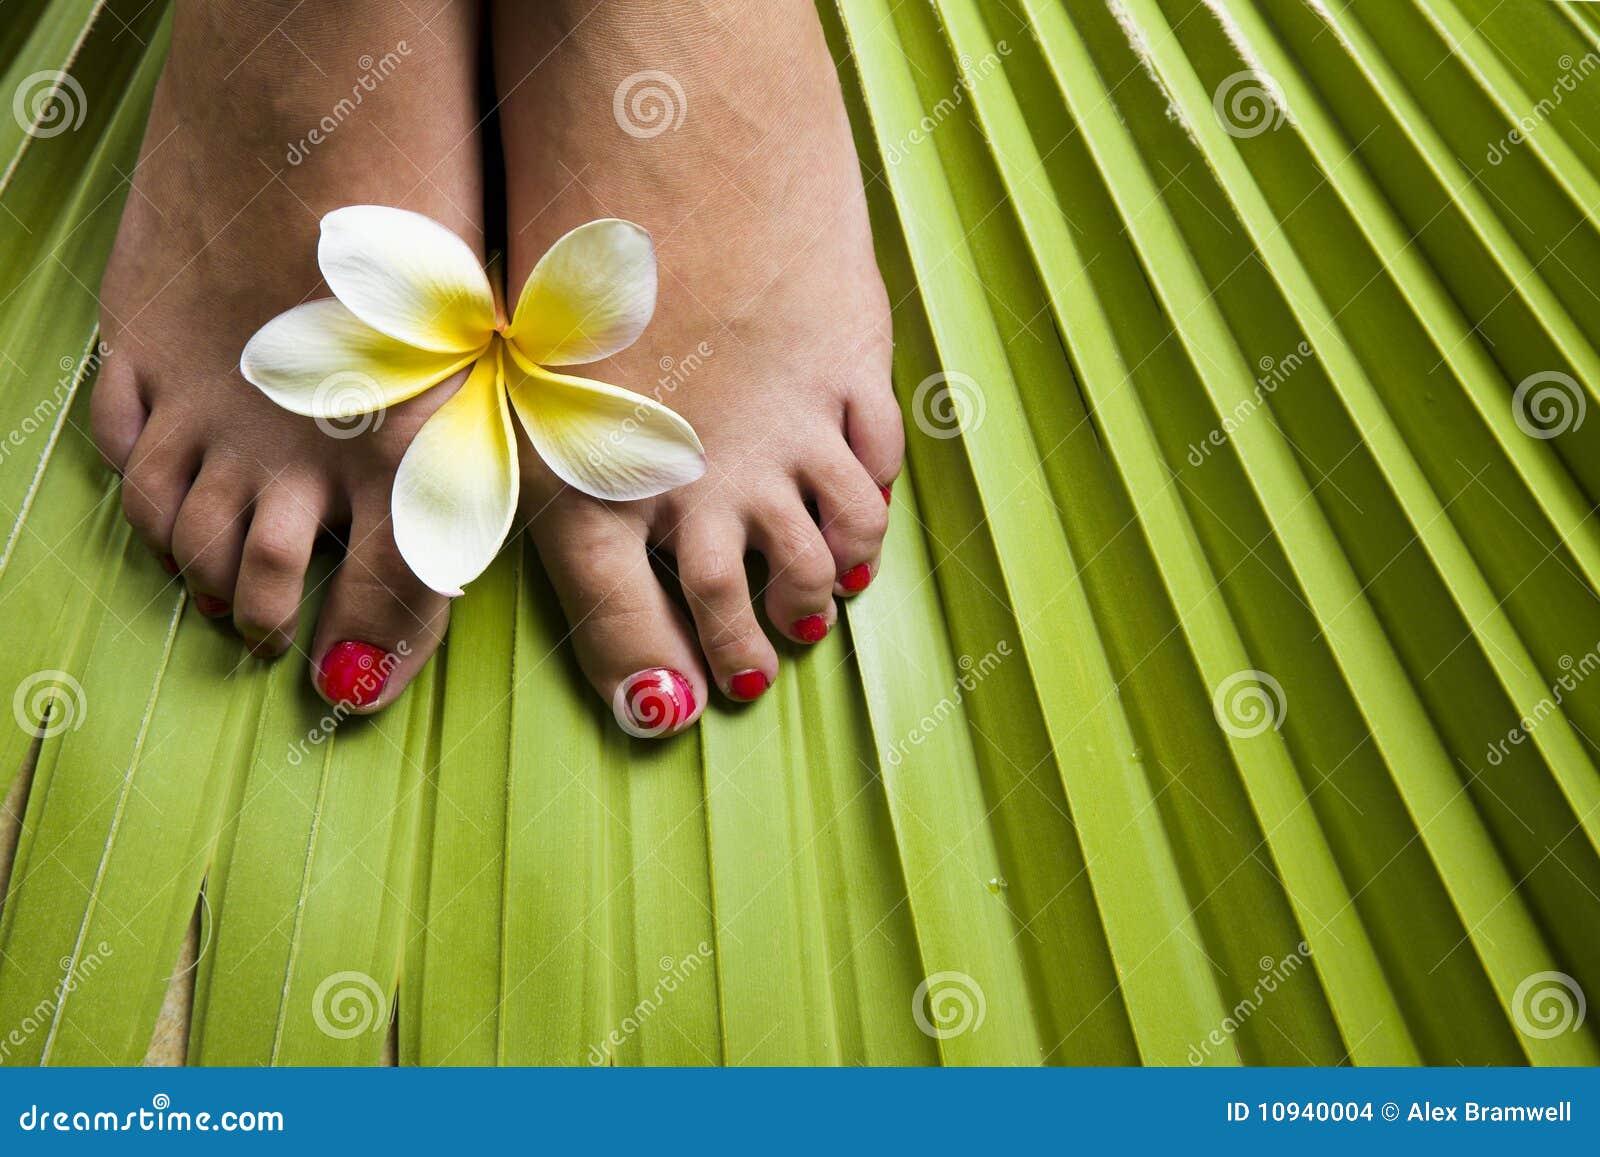 Footspa тропическое